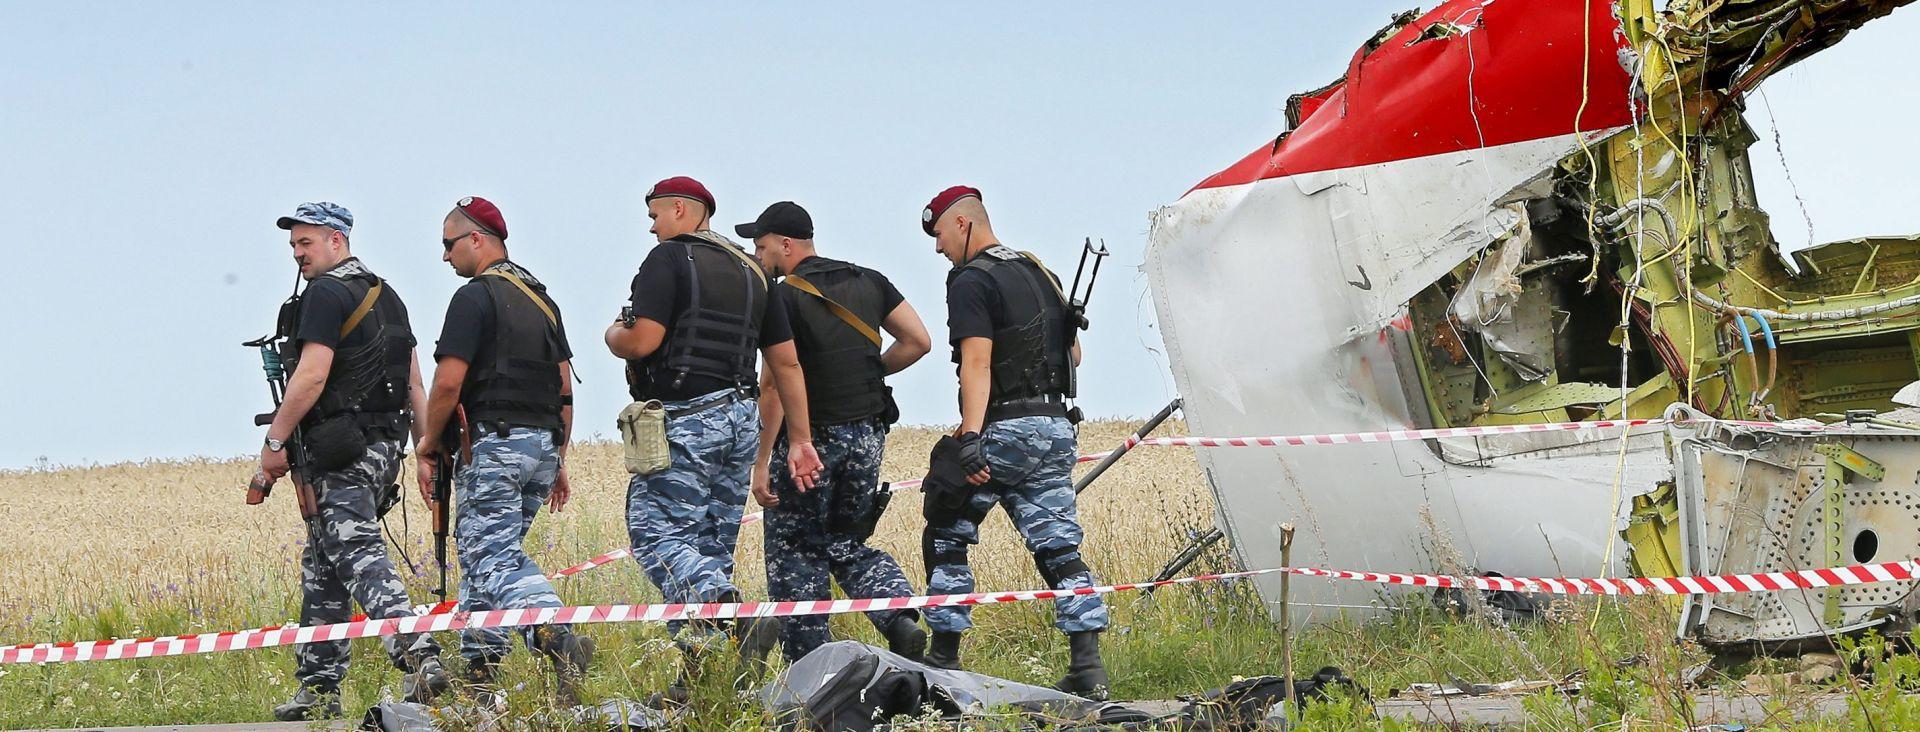 MH17: Ruski proizvođač raketa BUK odbio zaključke međunarodne istrage